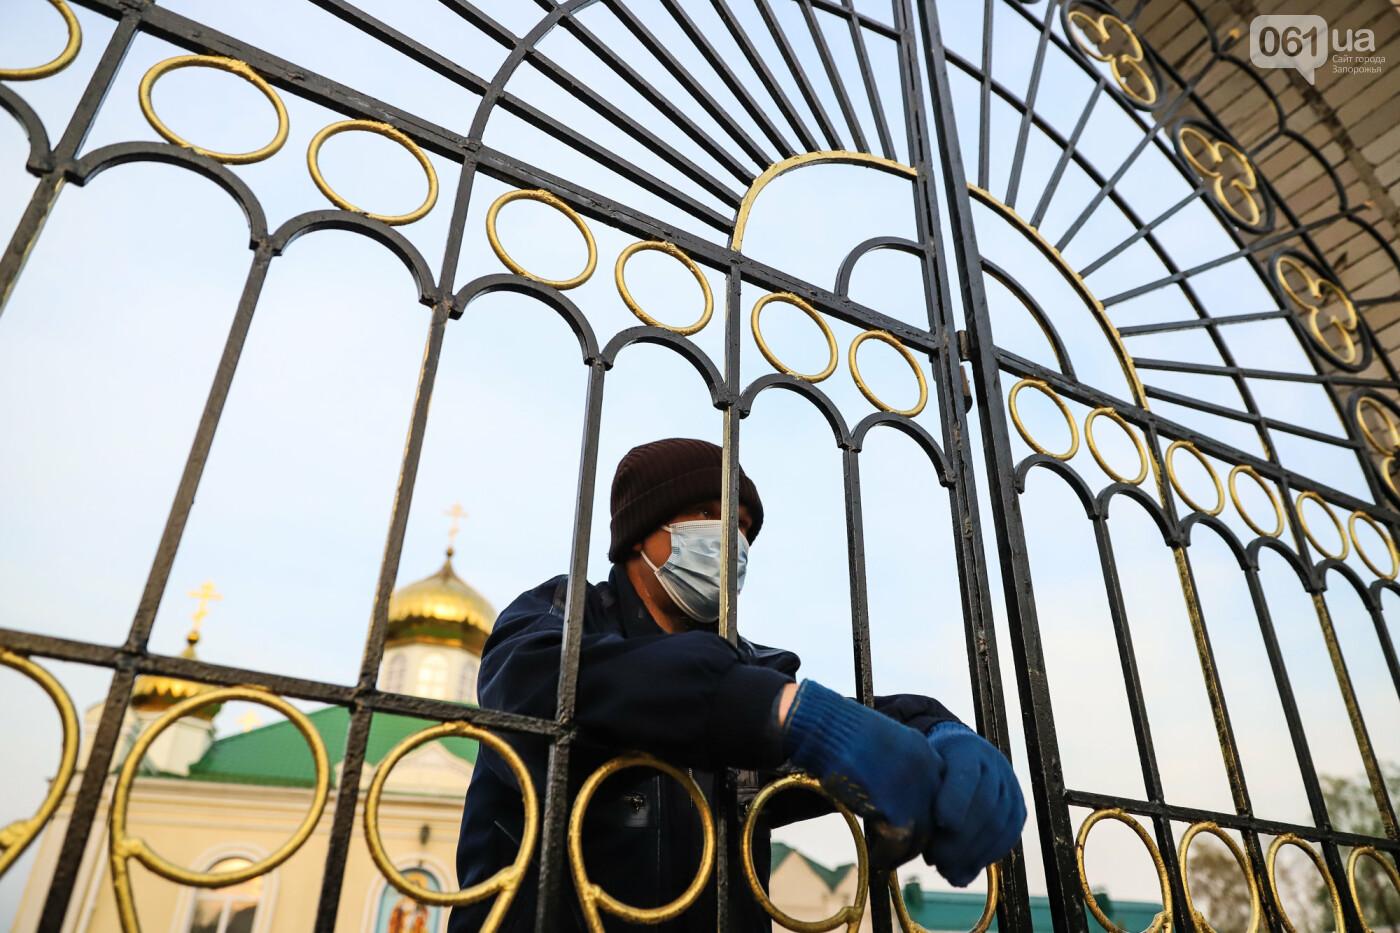 Освящение пасок у дворов на сельских улицах и полицейские возле храмов вместо прихожан: как празднуют Пасху в Запорожье, - ФОТОРЕПОРТАЖ, фото-27